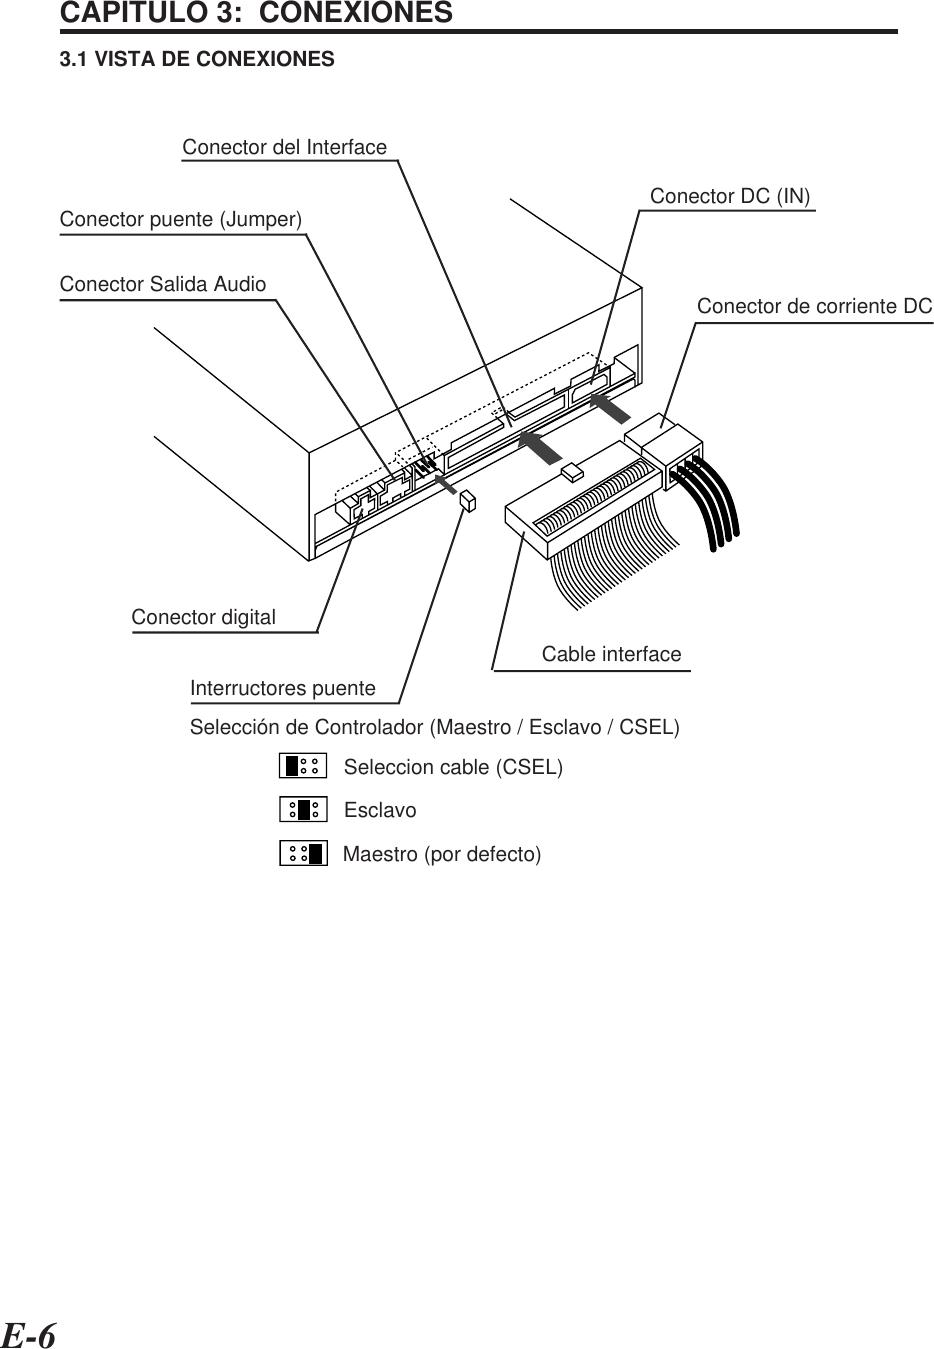 E-6CAPITULO 3:  CONEXIONES3.1 VISTA DE CONEXIONESConector puente (Jumper)Conector Salida Audio Conector de corriente DCCable interfaceConector DC (IN)Conector digitalInterructores puenteSelección de Controlador (Maestro / Esclavo / CSEL)Seleccion cable (CSEL)EsclavoMaestro (por defecto)Conector del Interface